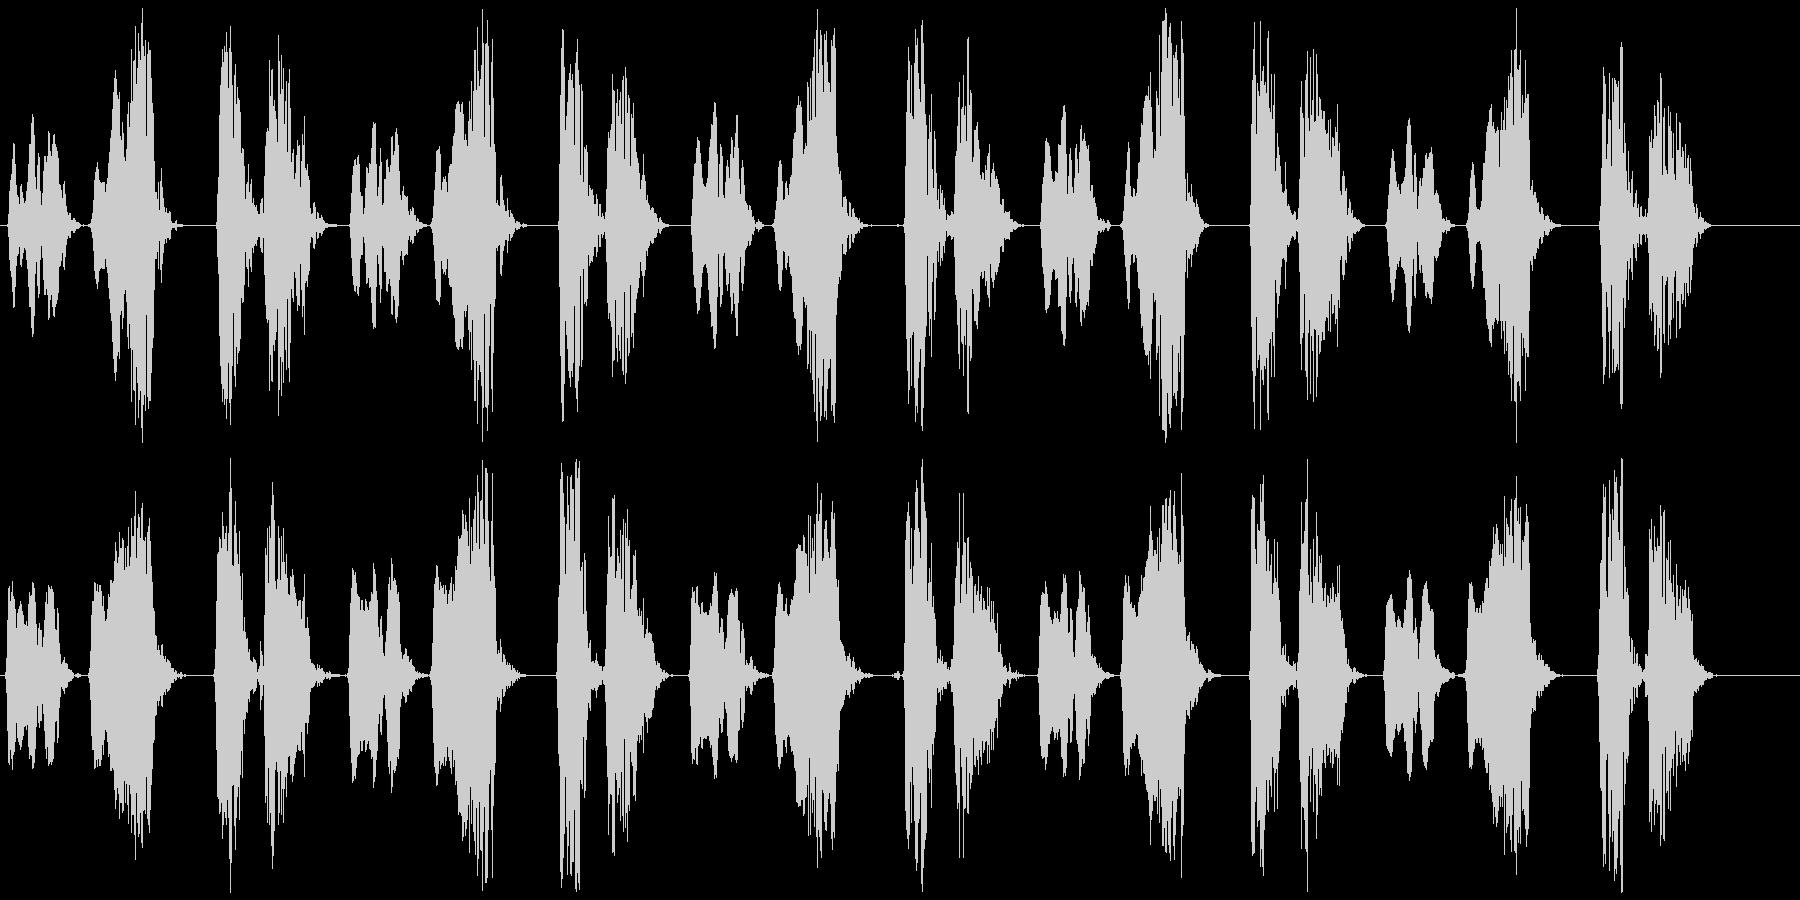 キジバト② 長め ホーホー ホッホーの未再生の波形